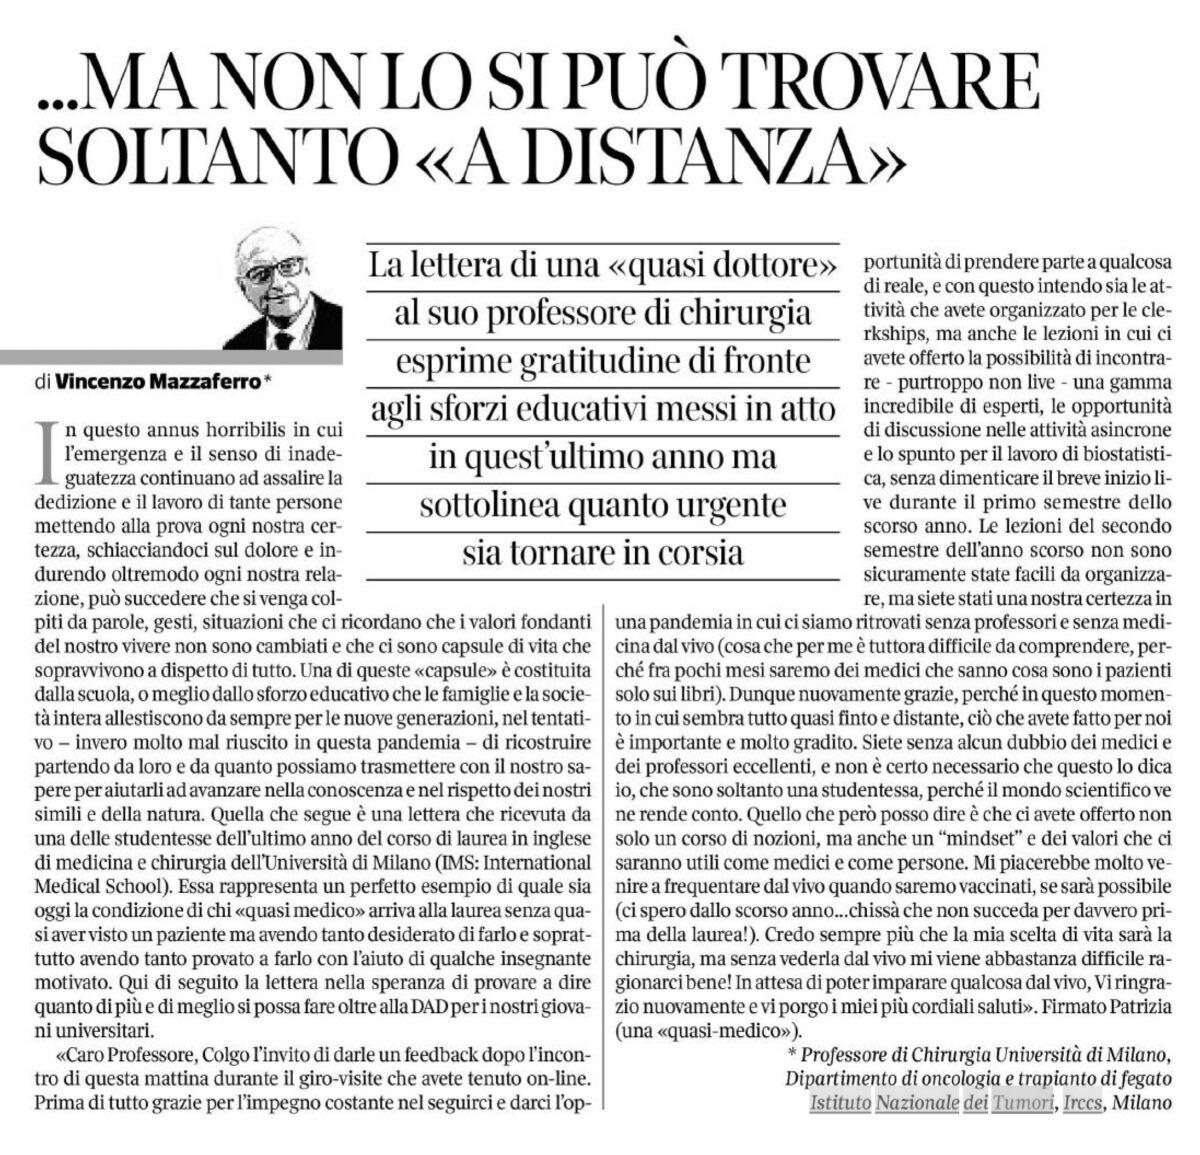 Corriere Salute Vincenzo Mazzaferro